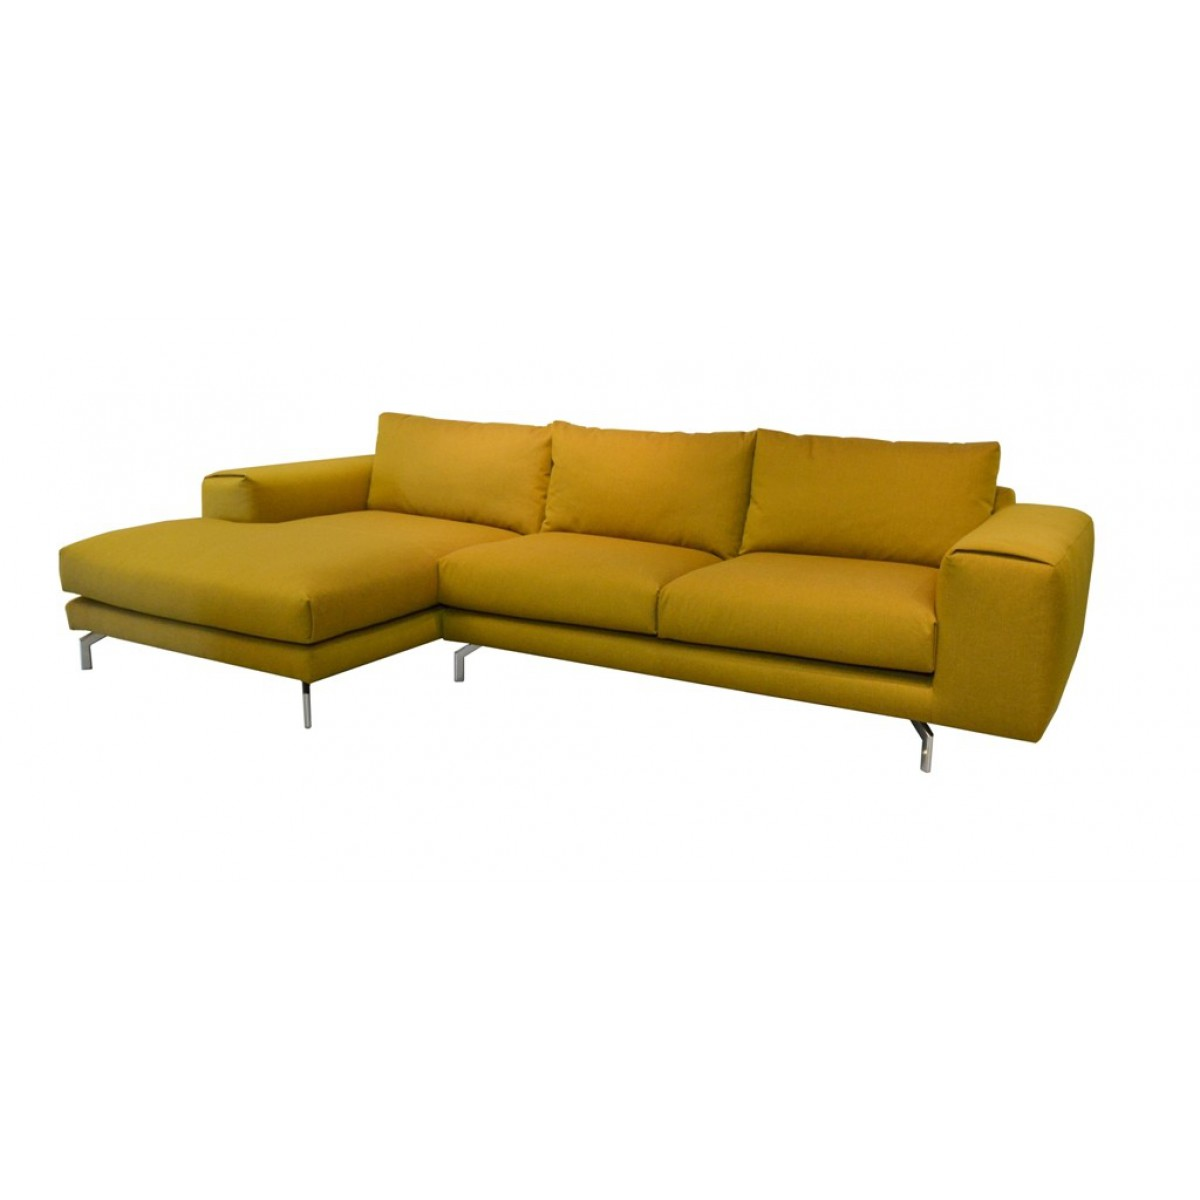 design_hoek_bank_bankstel_costa_tweed_stof_rosso_mustard